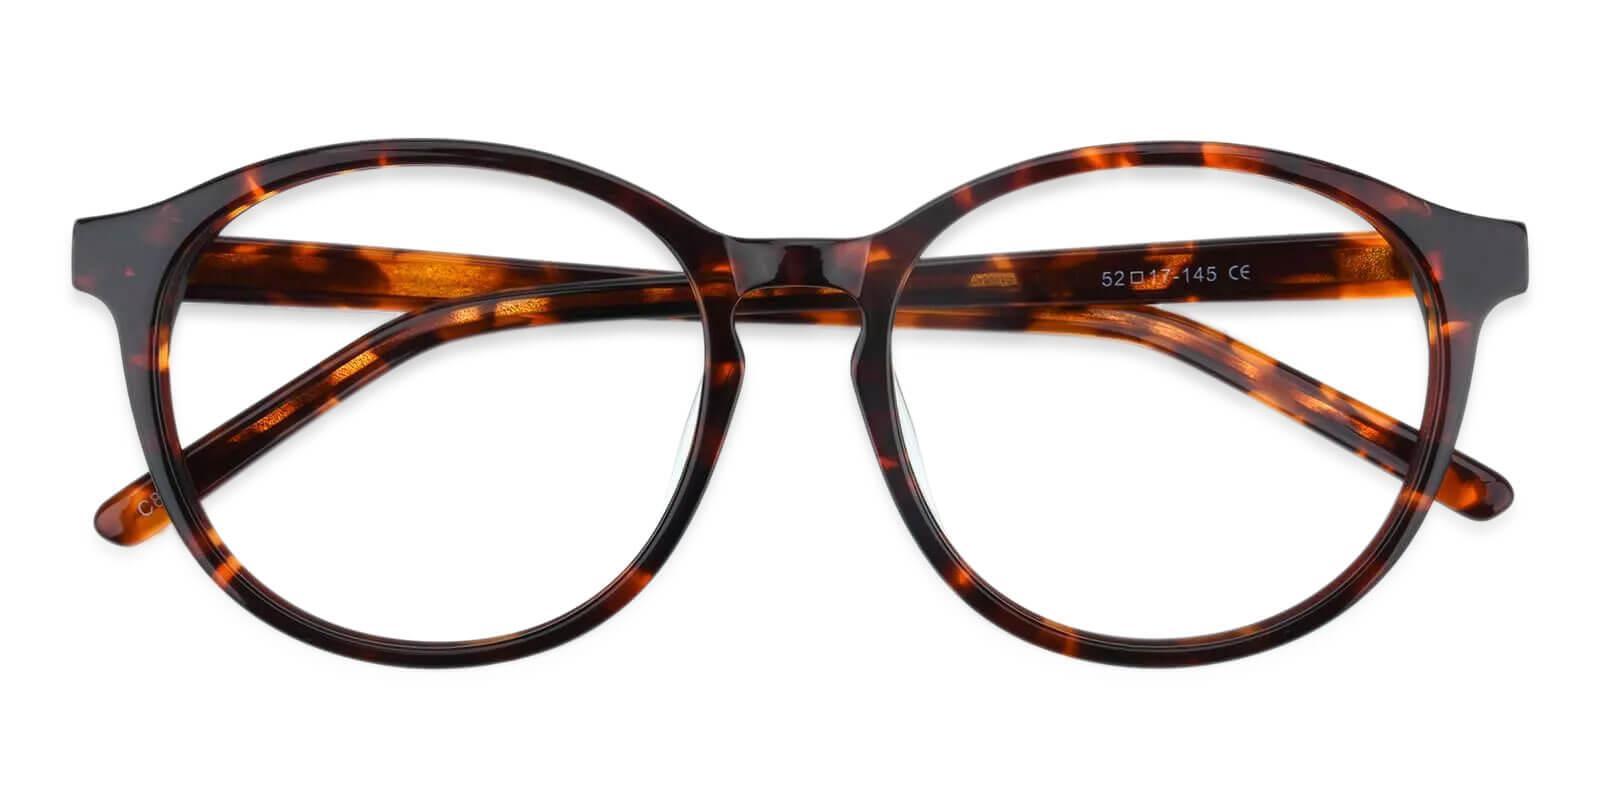 Wasco Tortoise Acetate Eyeglasses , UniversalBridgeFit Frames from ABBE Glasses